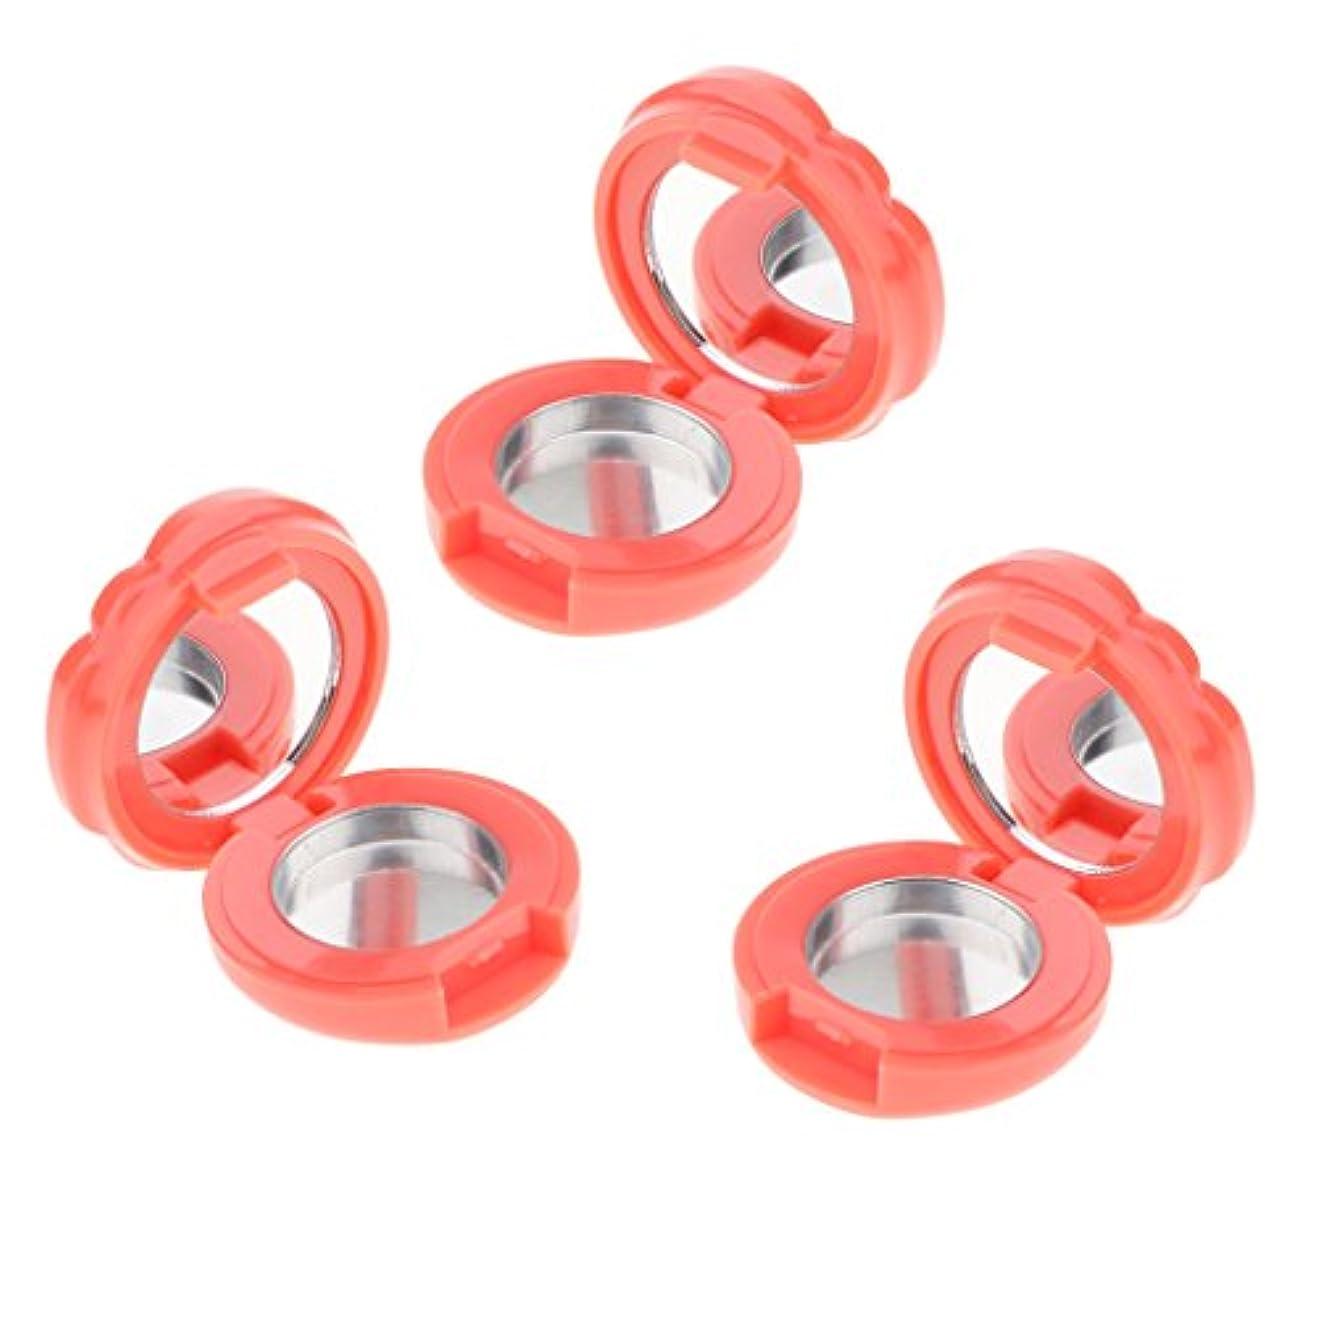 ブラインド建物意図的3ピース/セット空のプラスチックリップグロス口紅アイシャドーパウダーdiy化粧ケースアイズフェイシャルパウダー収納パレット付きミラー - グレープフルーツ色